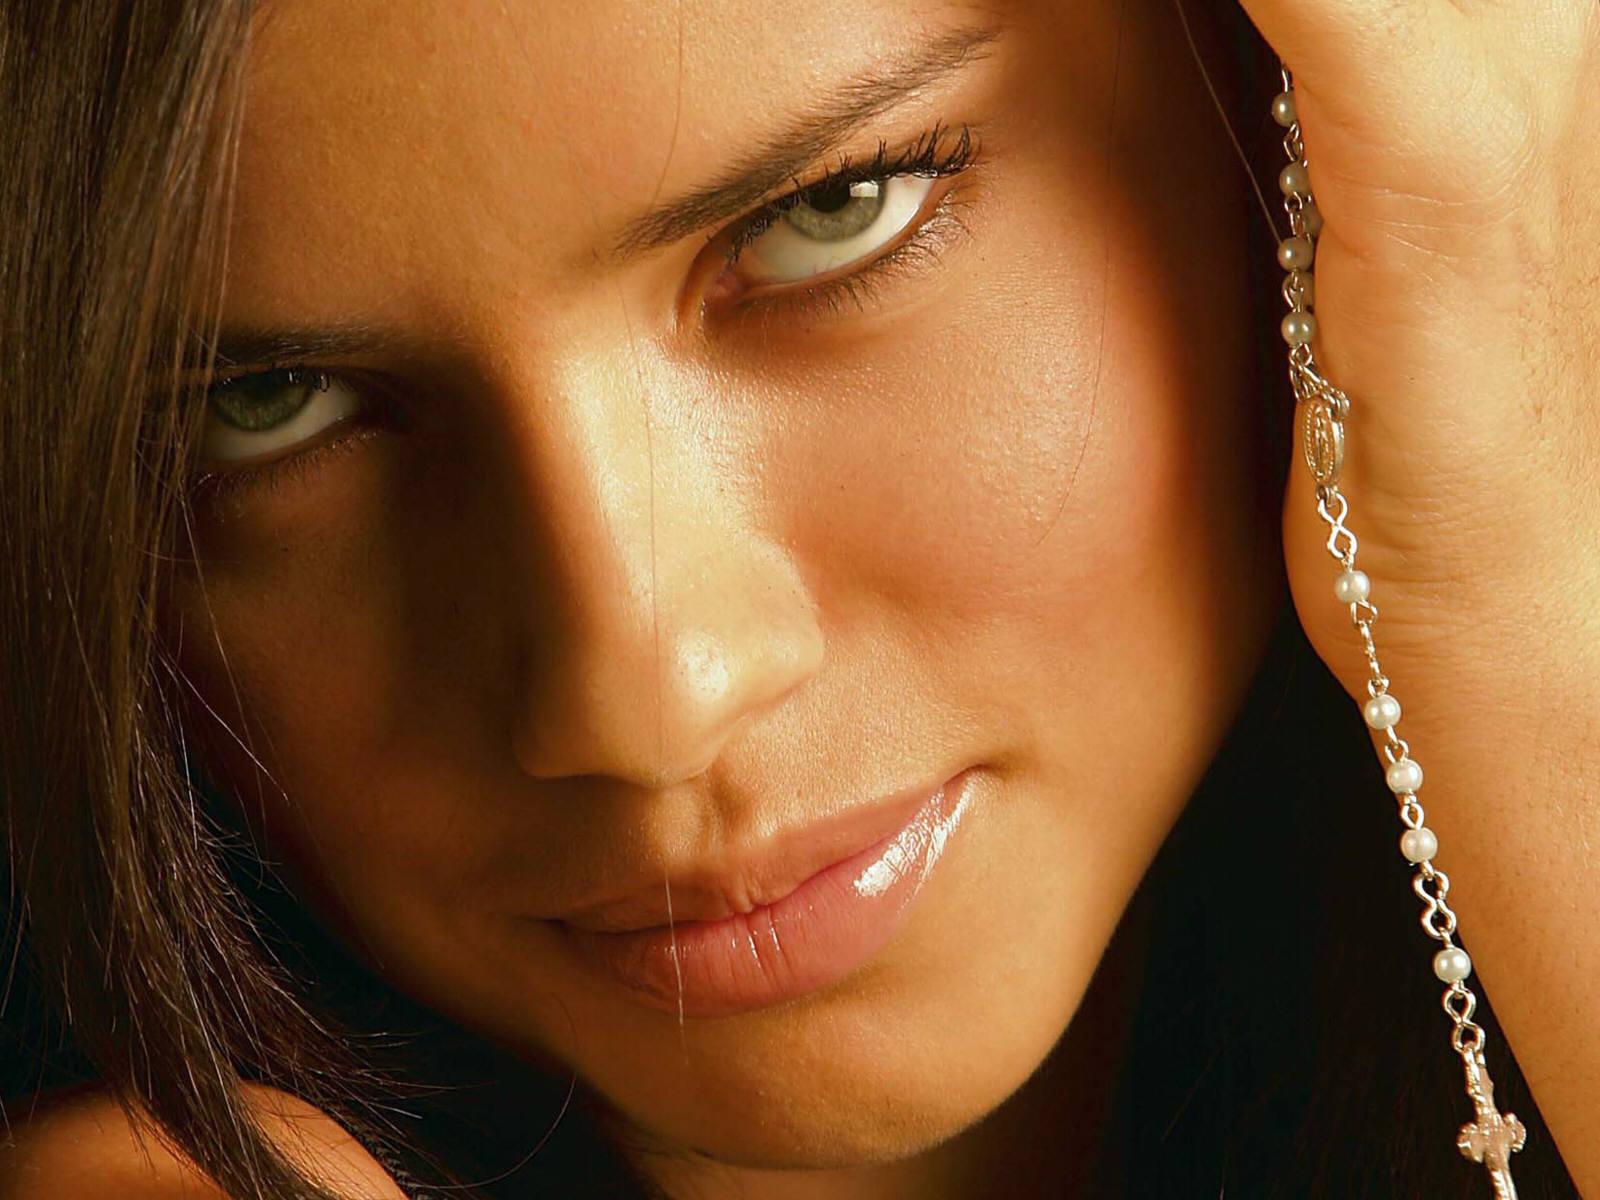 روابط نامشروع در چه زنانی بیشتر هست؟